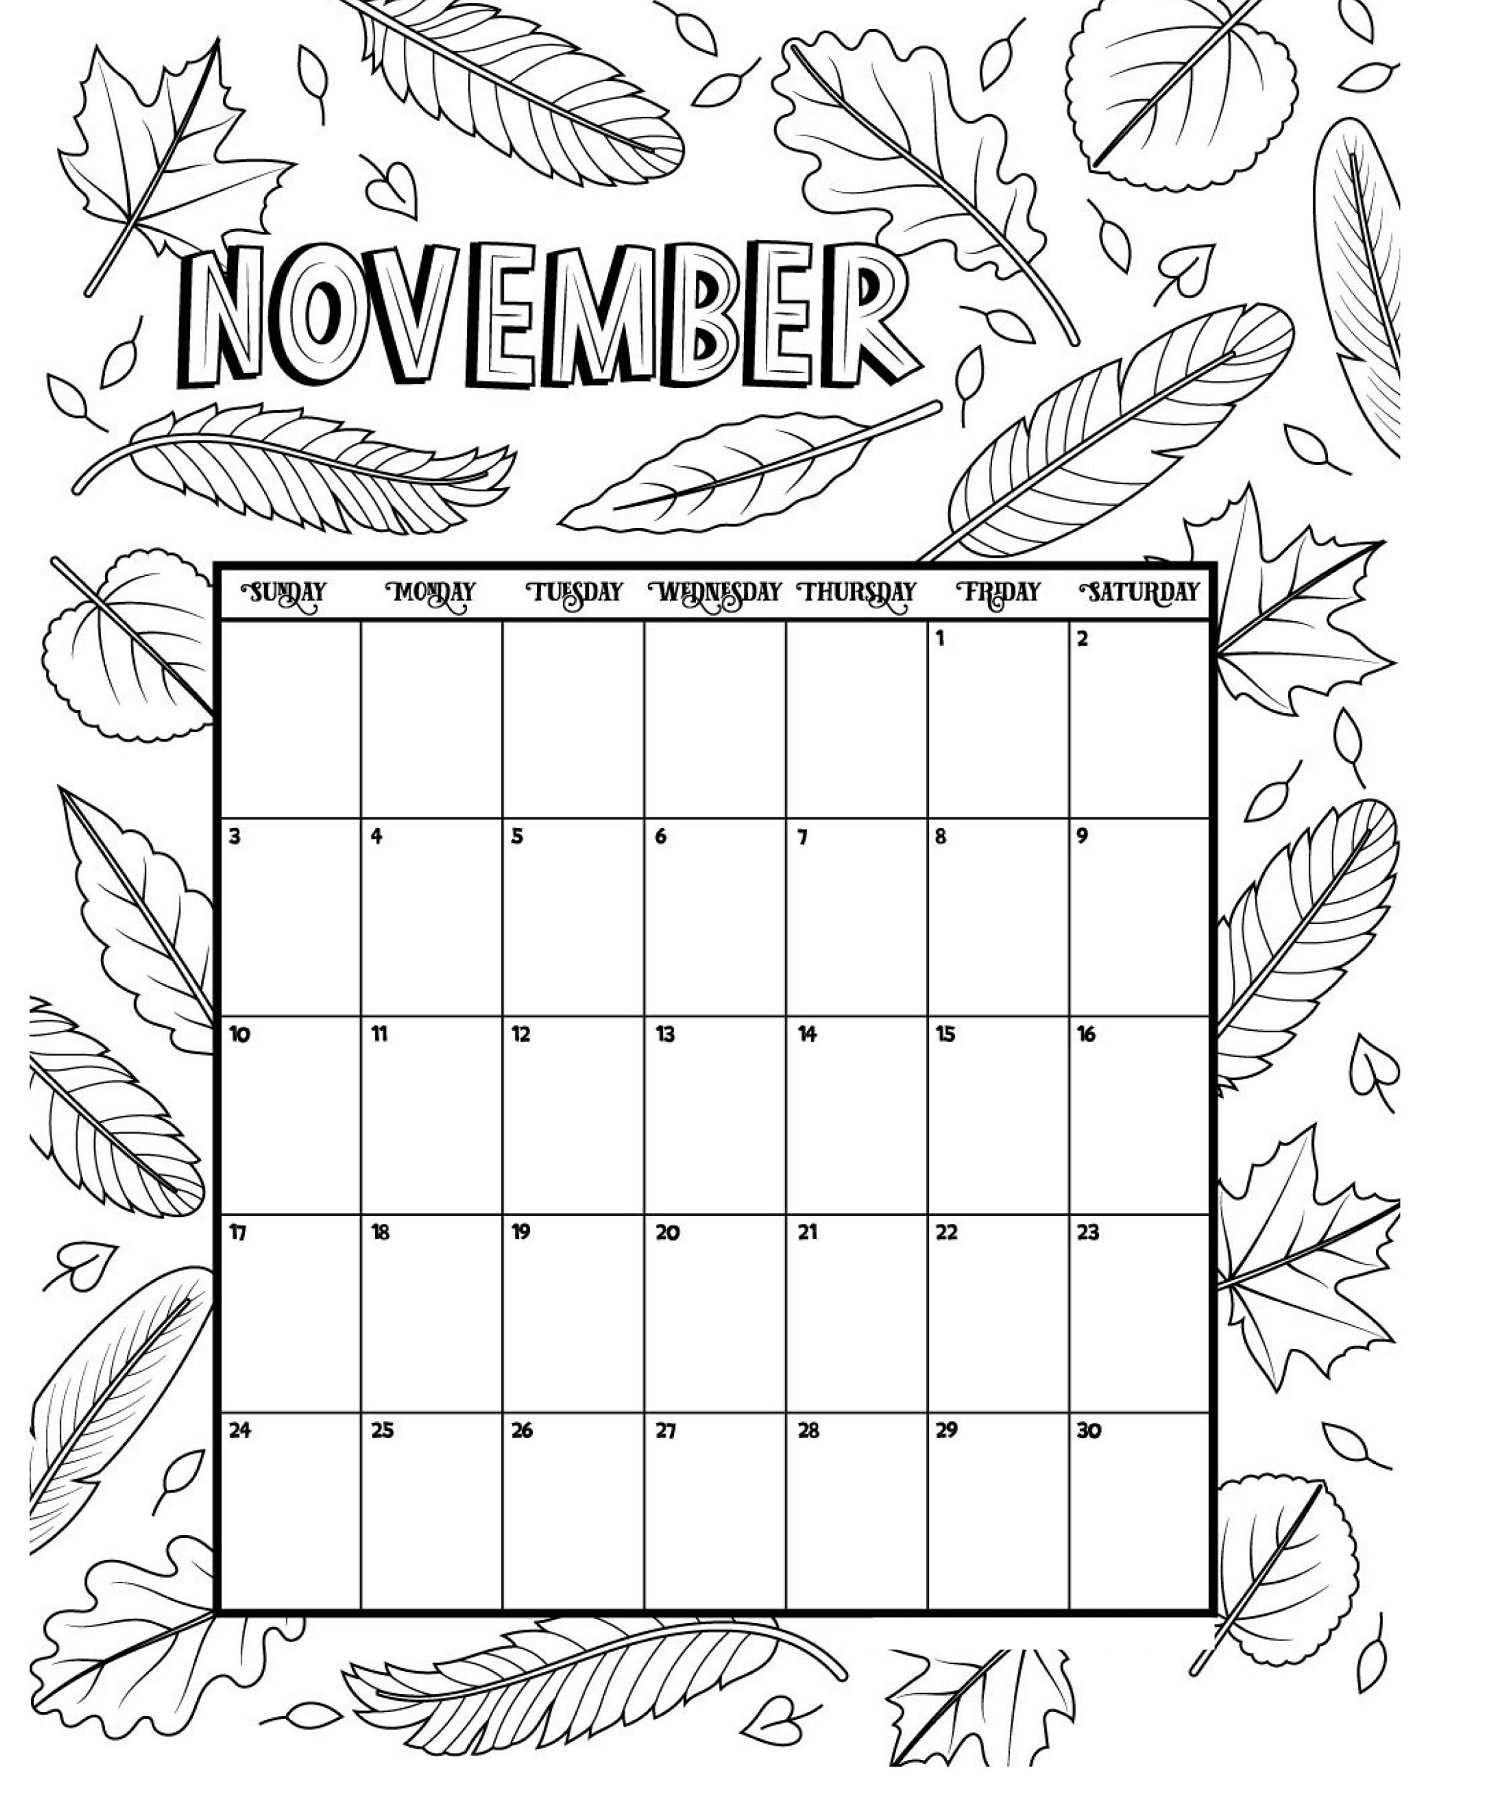 November Printable Coloring Calendar 2019 Coloring Calendar